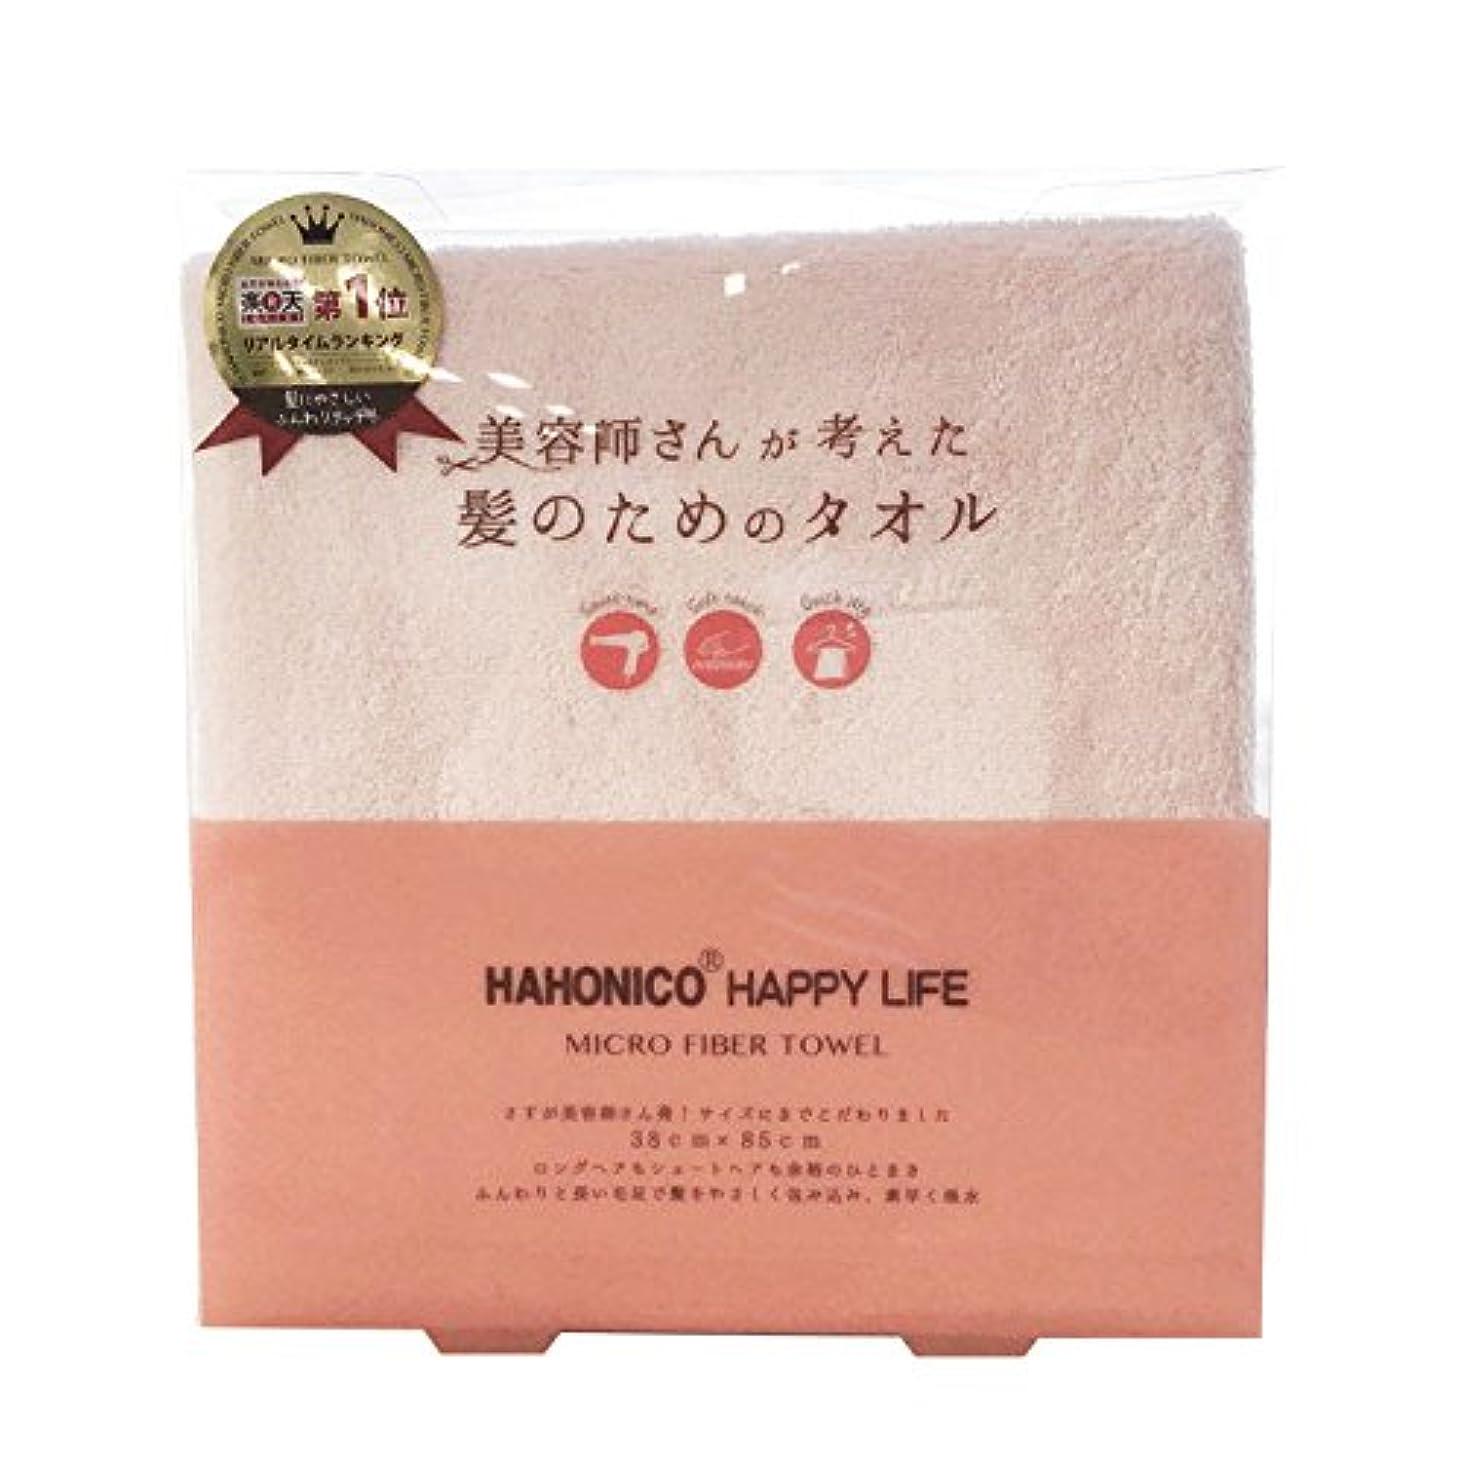 砂の資金自我ハホニコ ヘアドライマイクロファイバータオル ピンク